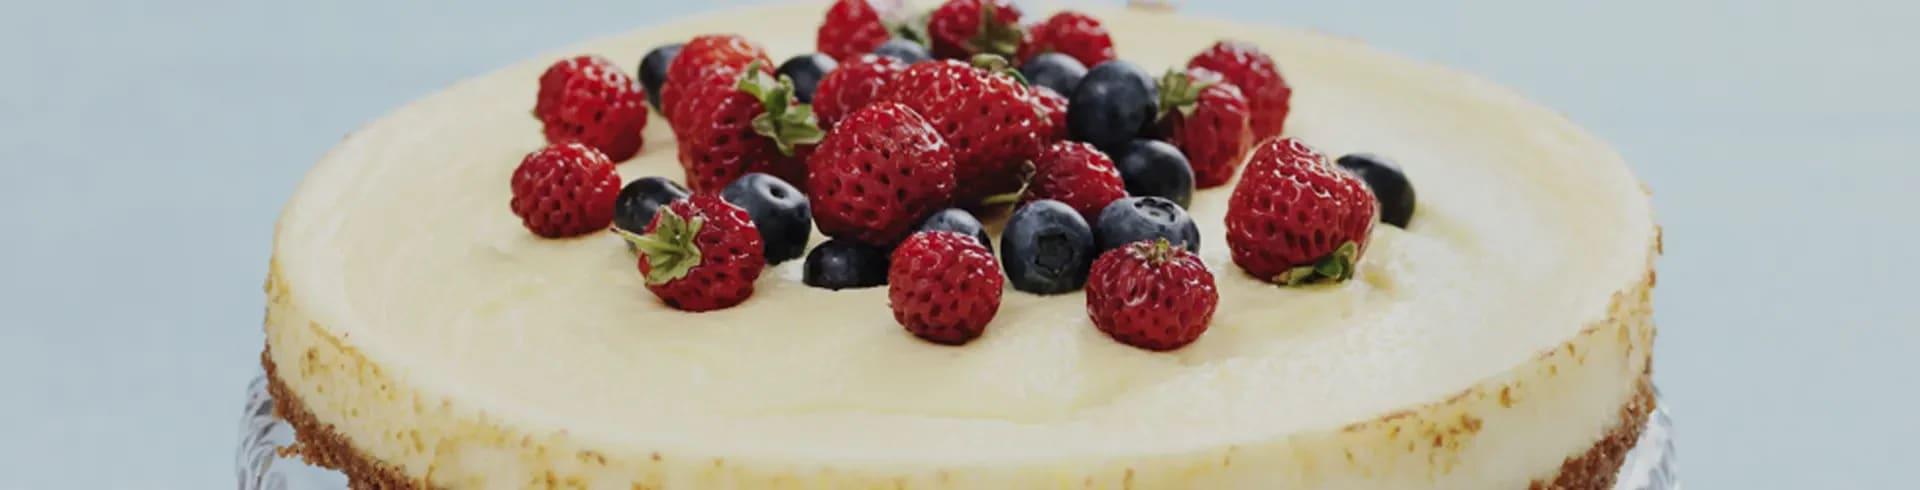 enkel cheesecake recept